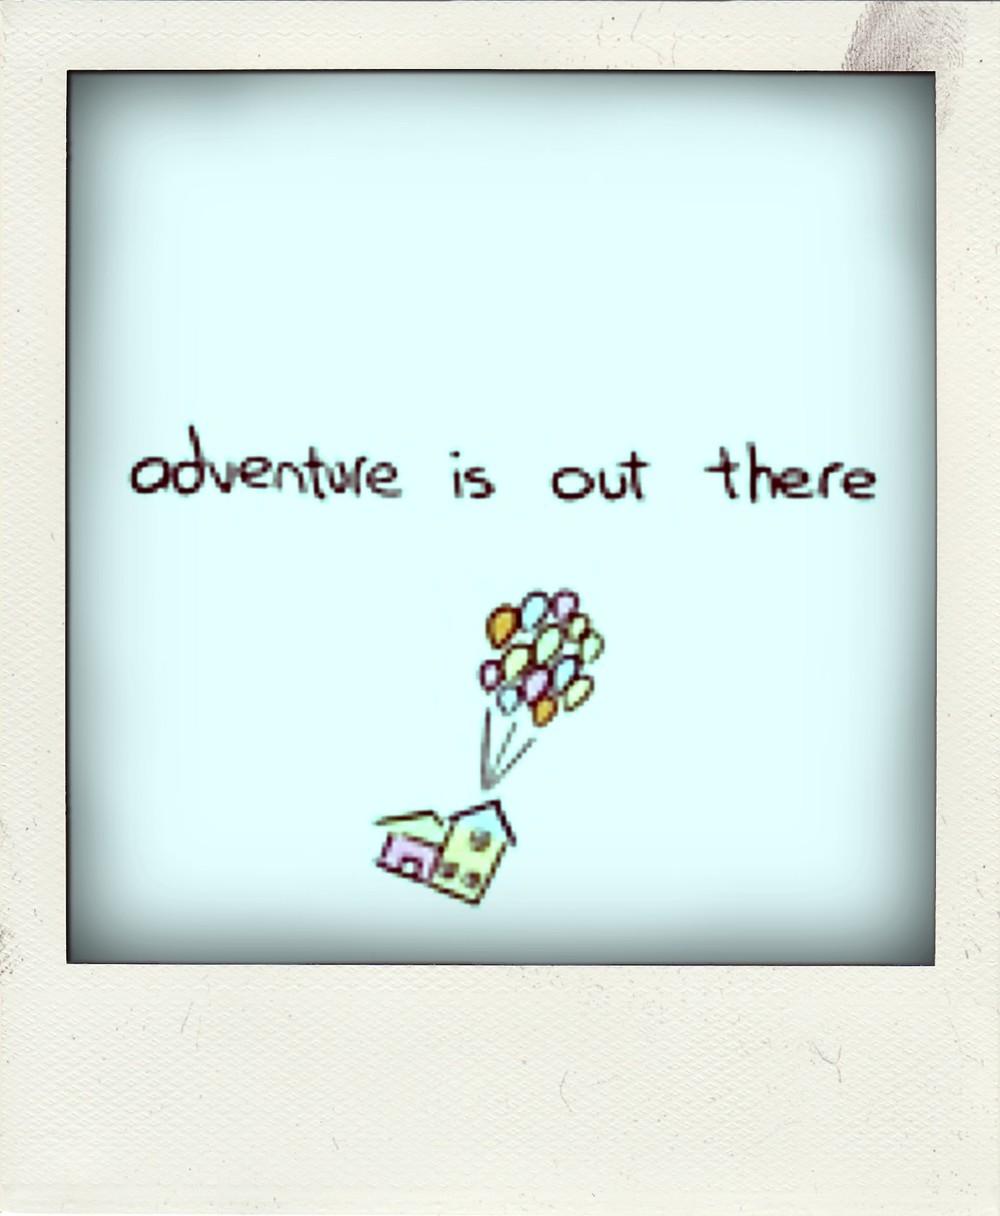 adventureisouthere-pola.jpg